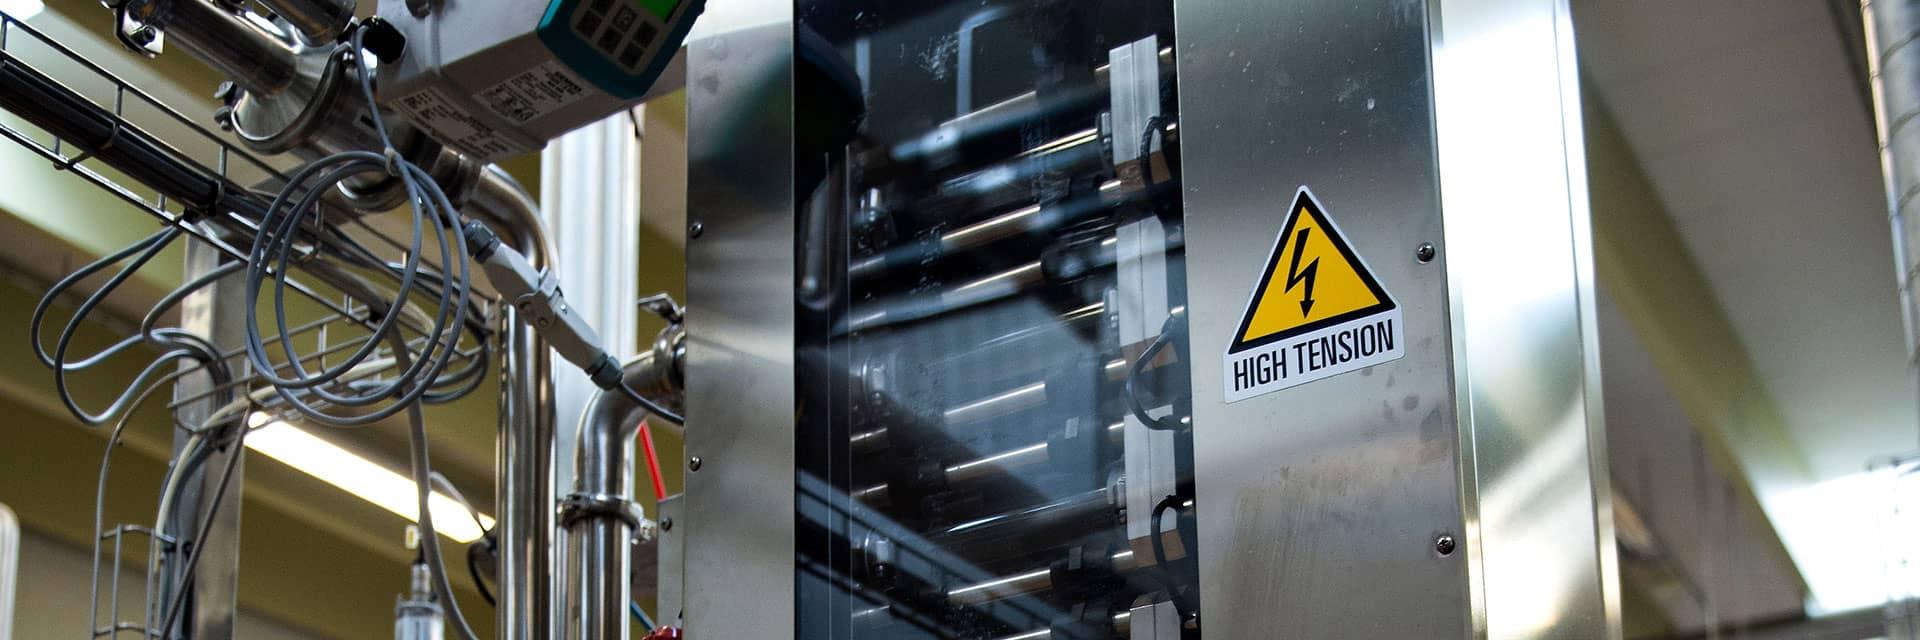 Case-banner_Arla-Foods-opnår-en-uges-ekstra-produktion-med-ohmsk-opvarmning